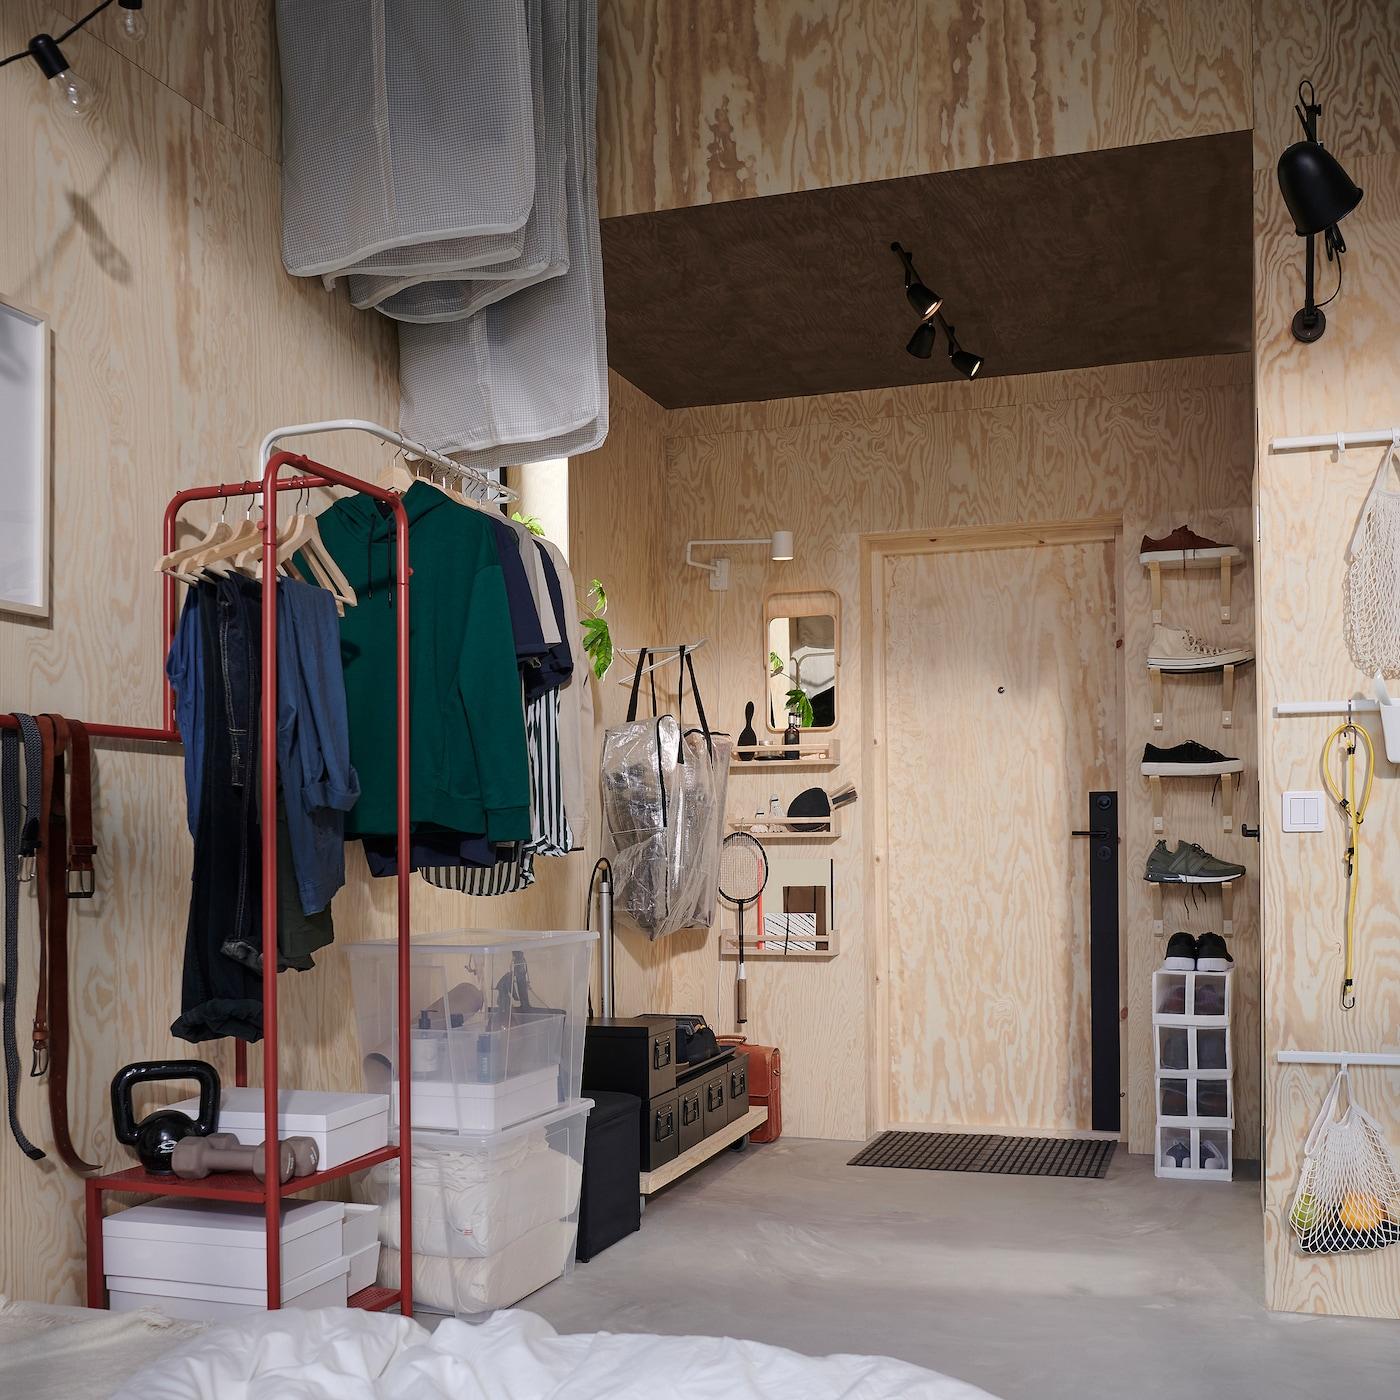 天井が高くて狭い玄関。ハンガーレールとブラケットを縦に並べて取り付け、衣服やシューズの収納場所にしています。